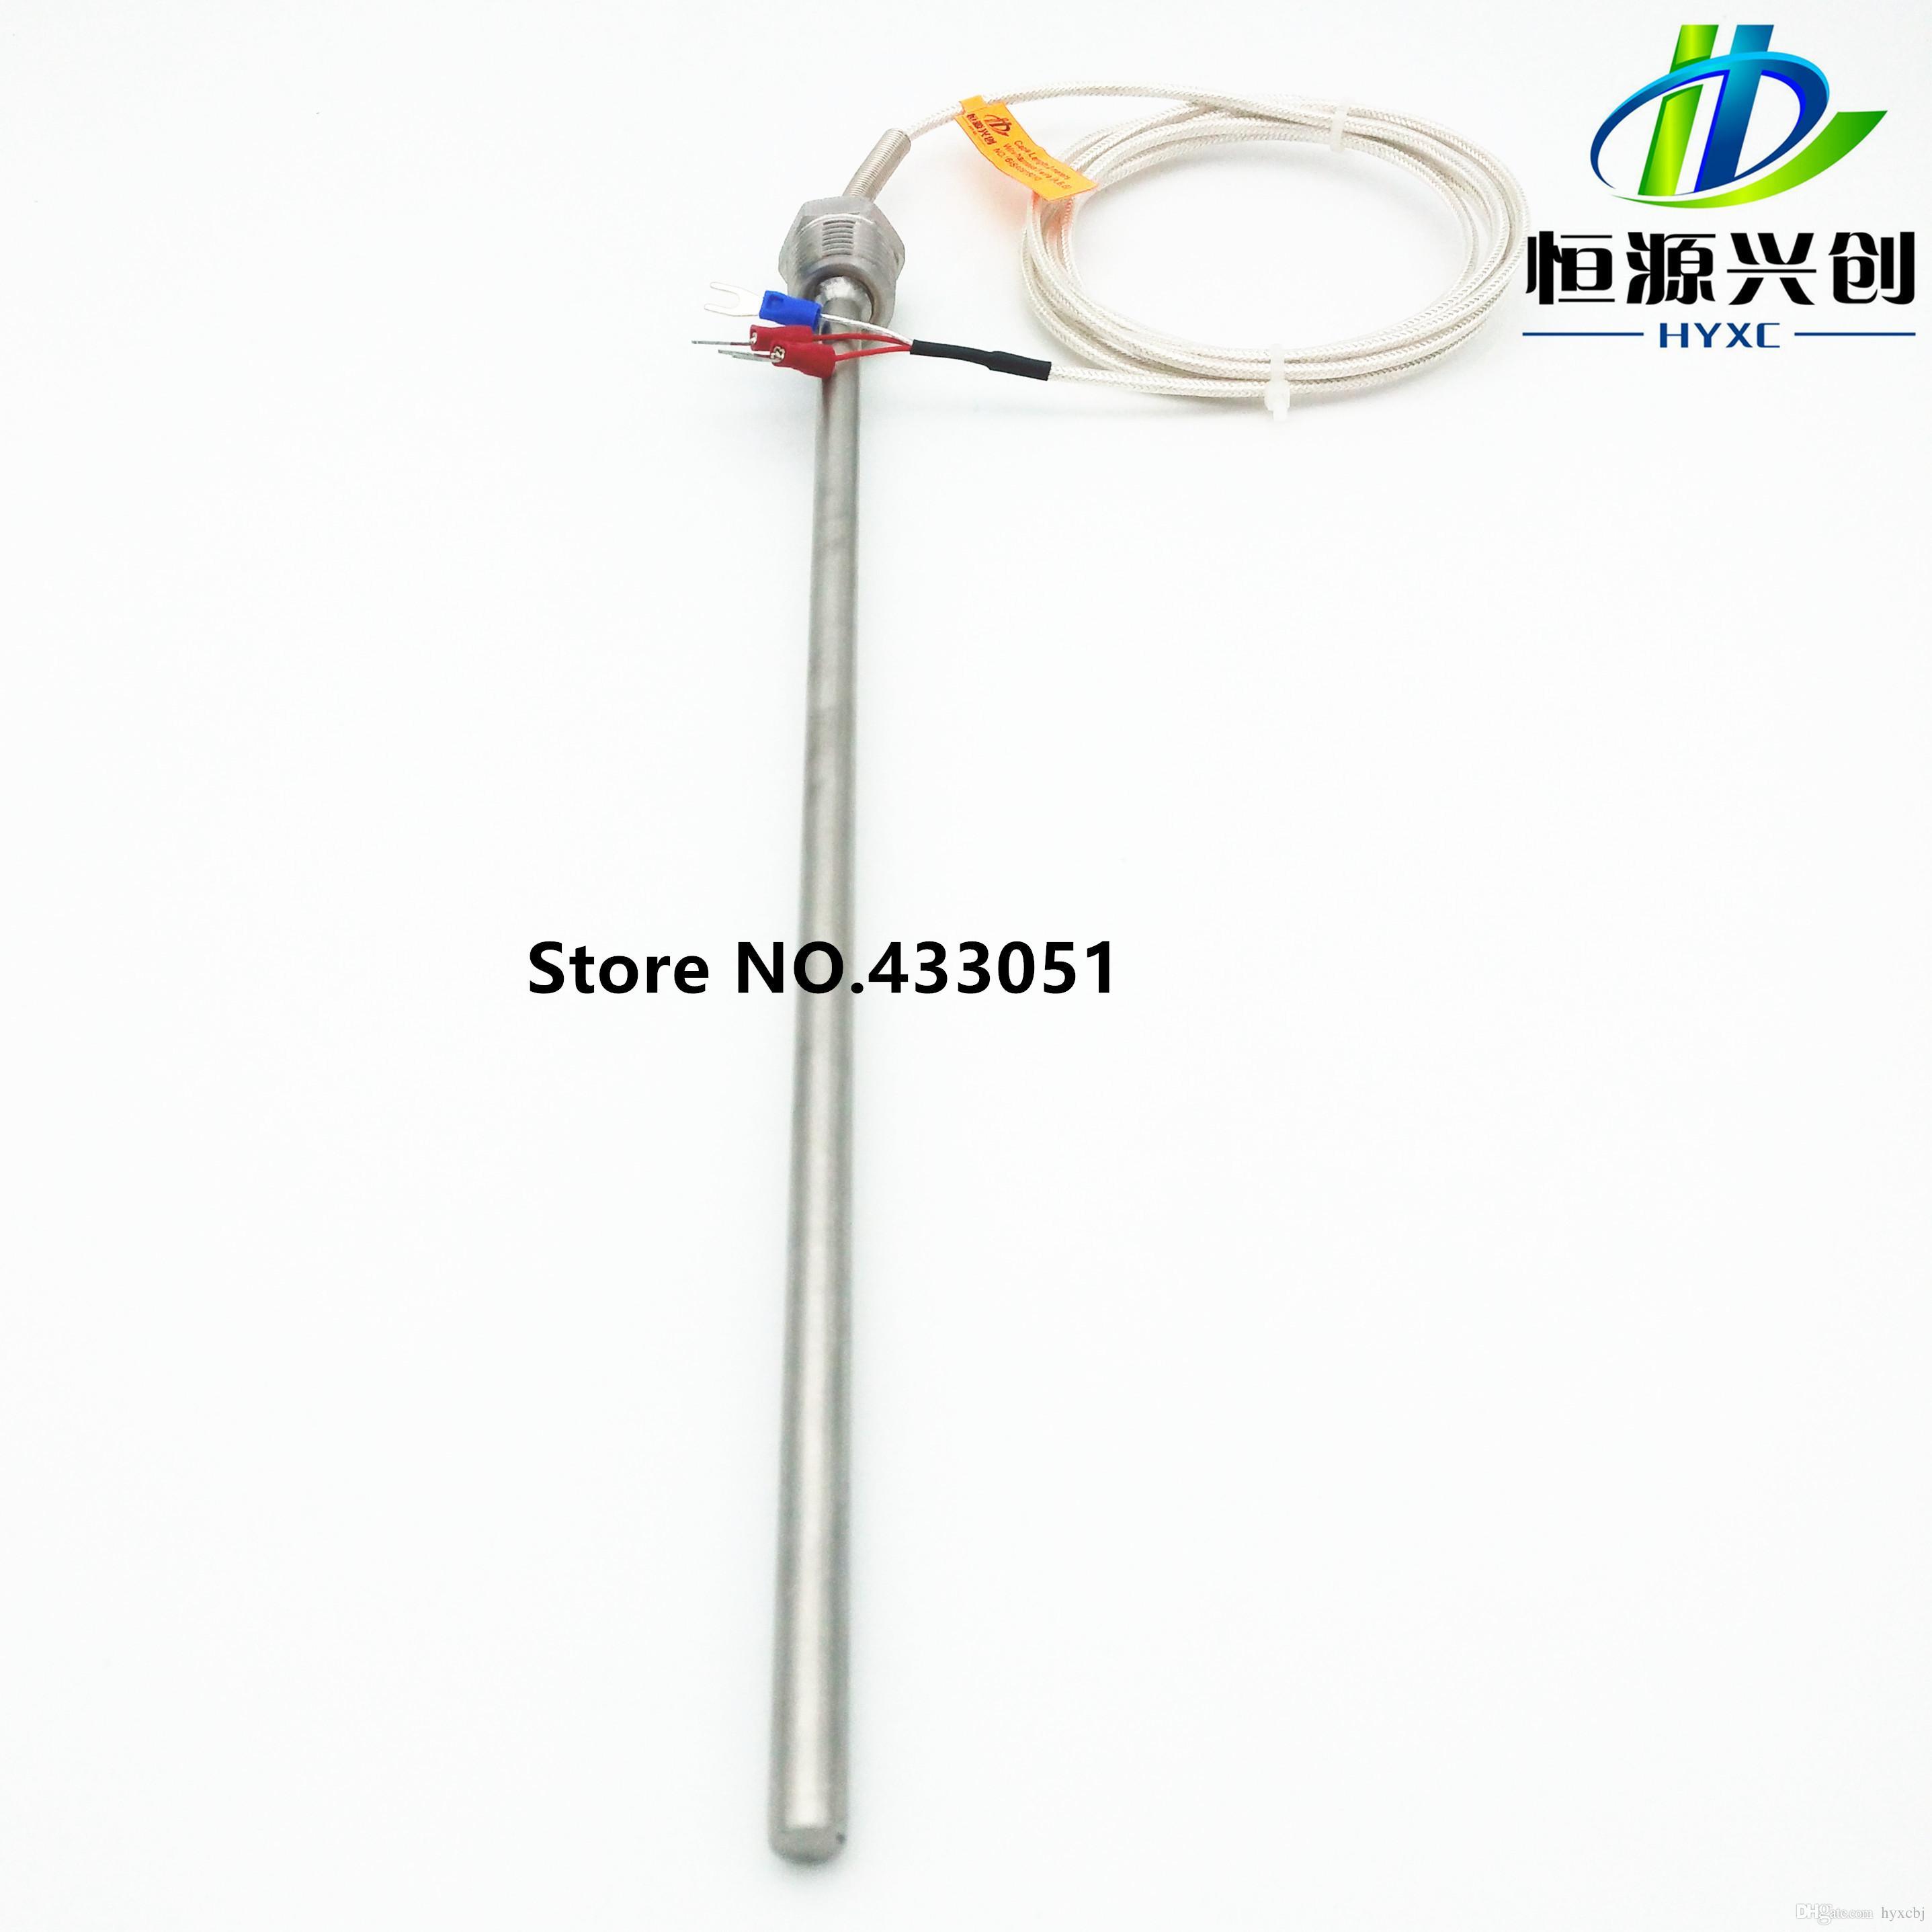 Pt100 Ohm Probe Sensor L 300mm Long Type Pt Npt 1 2